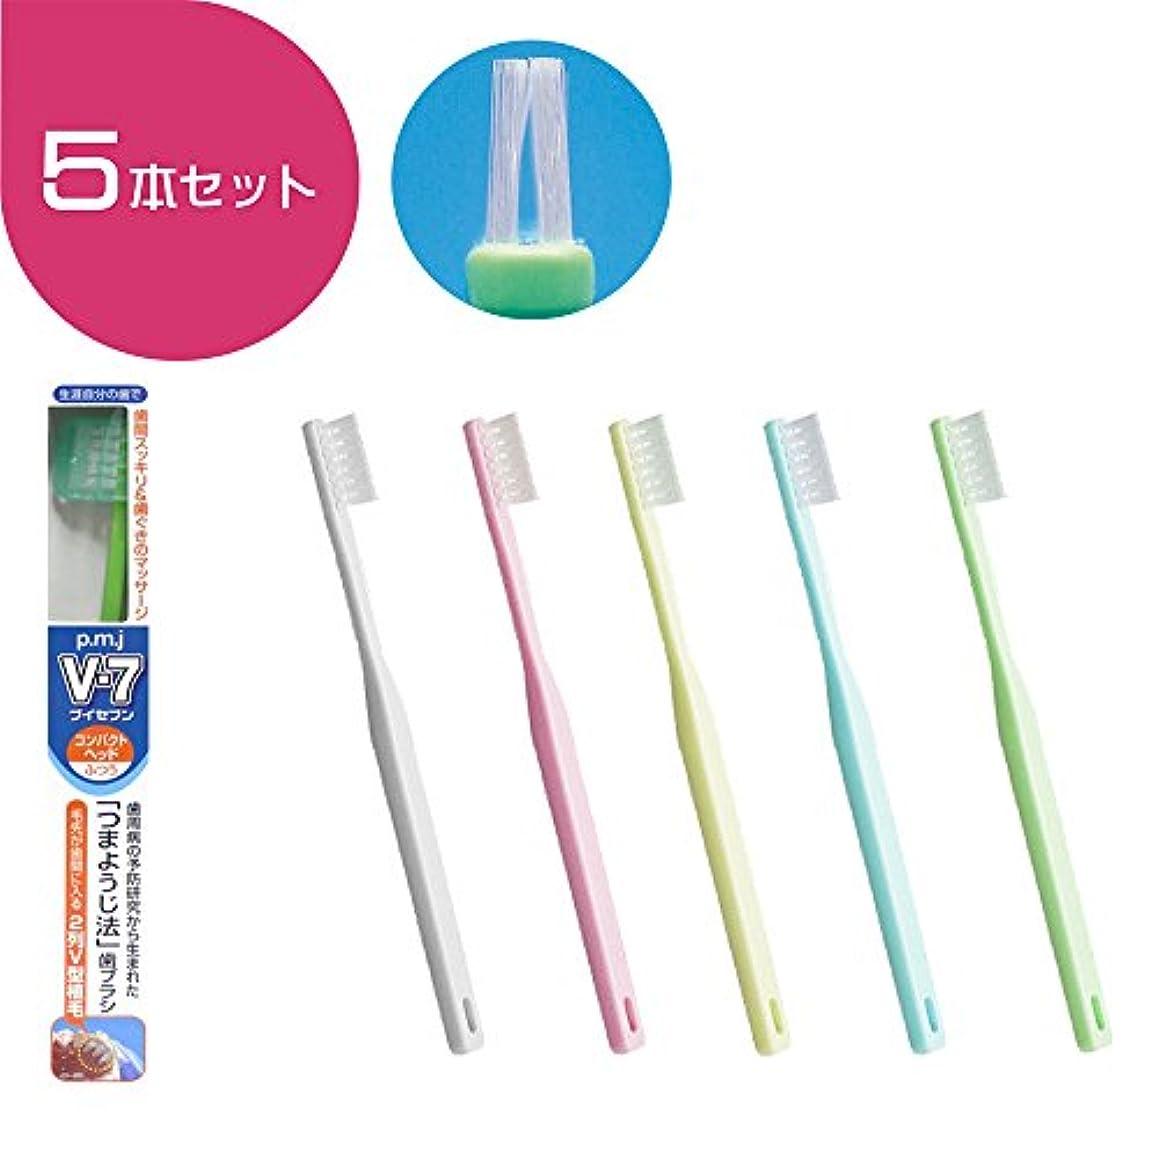 雑品リスト不純V-7 ブイセブン コンパクトヘッド 5本(ふつう)